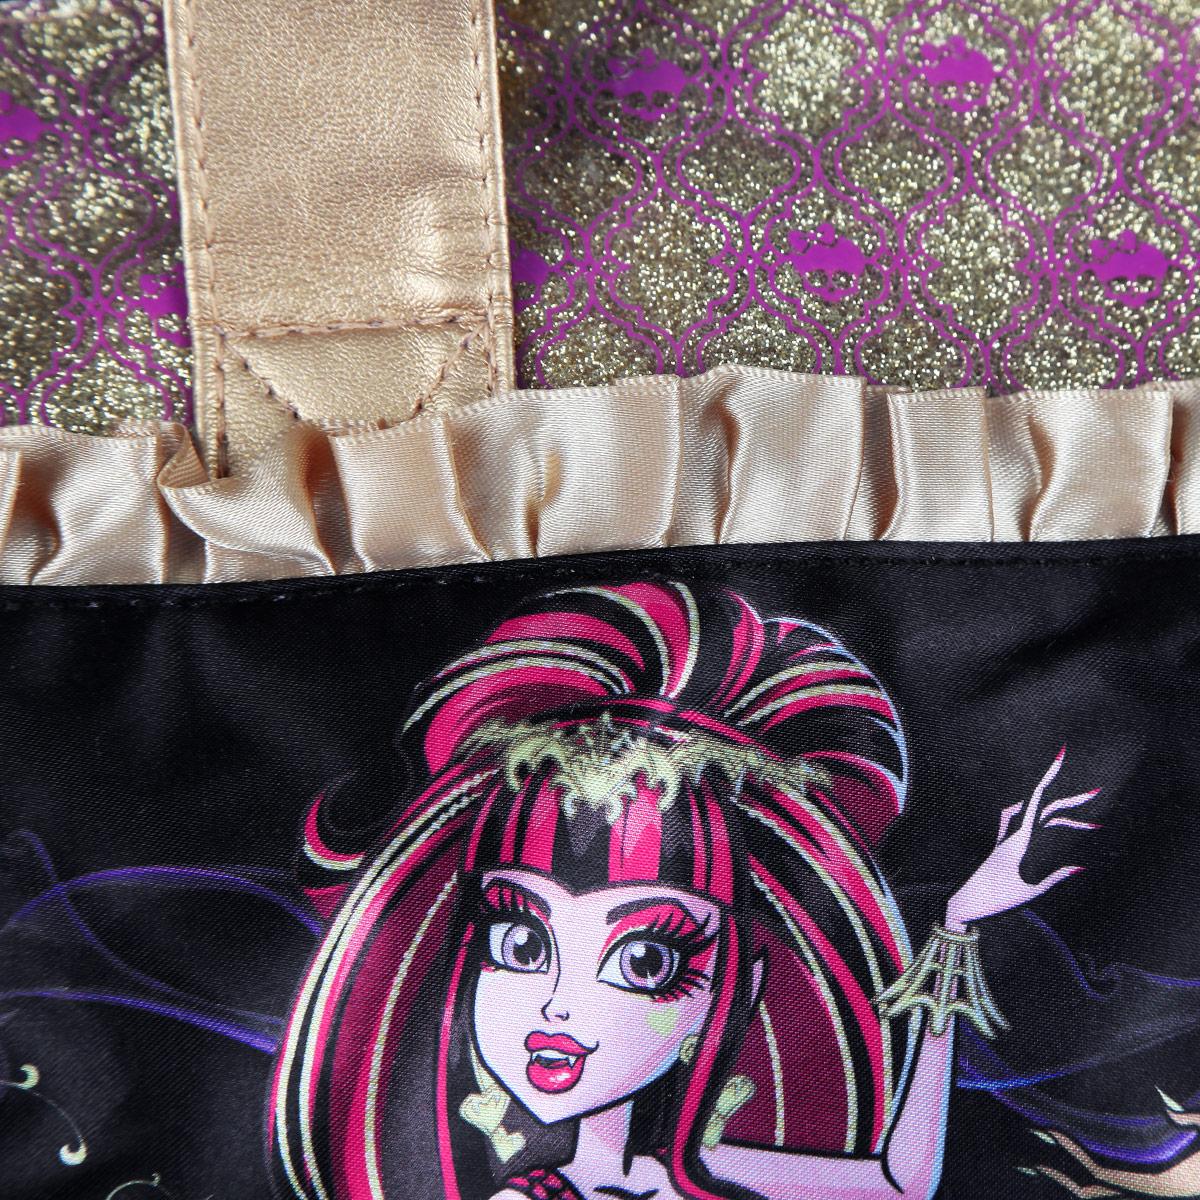 Стильная детская сумочка Monster High, оформленная изображением героинь известного мультсериала Школа Монстров, несомненно, понравится вашей малышке.Сумочка имеет одно отделение, закрывающееся на застежку-молнию, куда можно положить все необходимые принадлежности и аксессуары, и две небольшие ручки золотистого цвета, выполненные из искусственной кожи. Внутри сумки расположен накладной карман для мобильного телефона. Сумочка декорирована атласными золотыми рюшами, а также вставкой из ПВХ, украшенной узорами с блестками. Бегунок молнии декорирован резиновым элементом в виде черепа. Высота ручек 18 см.Каждая поклонница Школы Монстров будет в восторге от такого аксессуара!